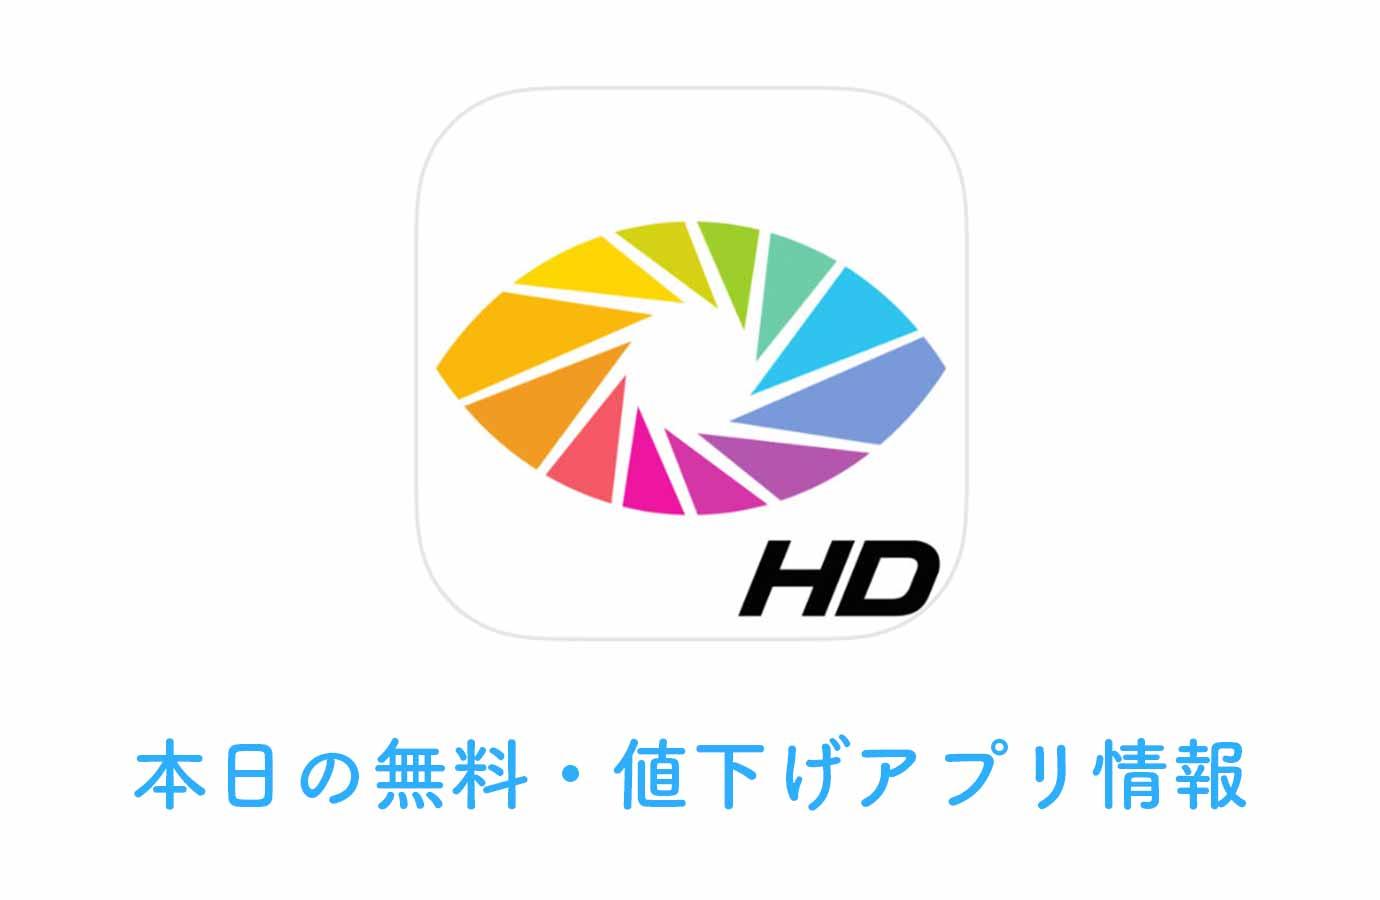 240円→無料、逆光で撮影した写真をキレイに補正してくれるアプリ「OrasisHD」など【4/14】本日の無料・値下げアプリ情報